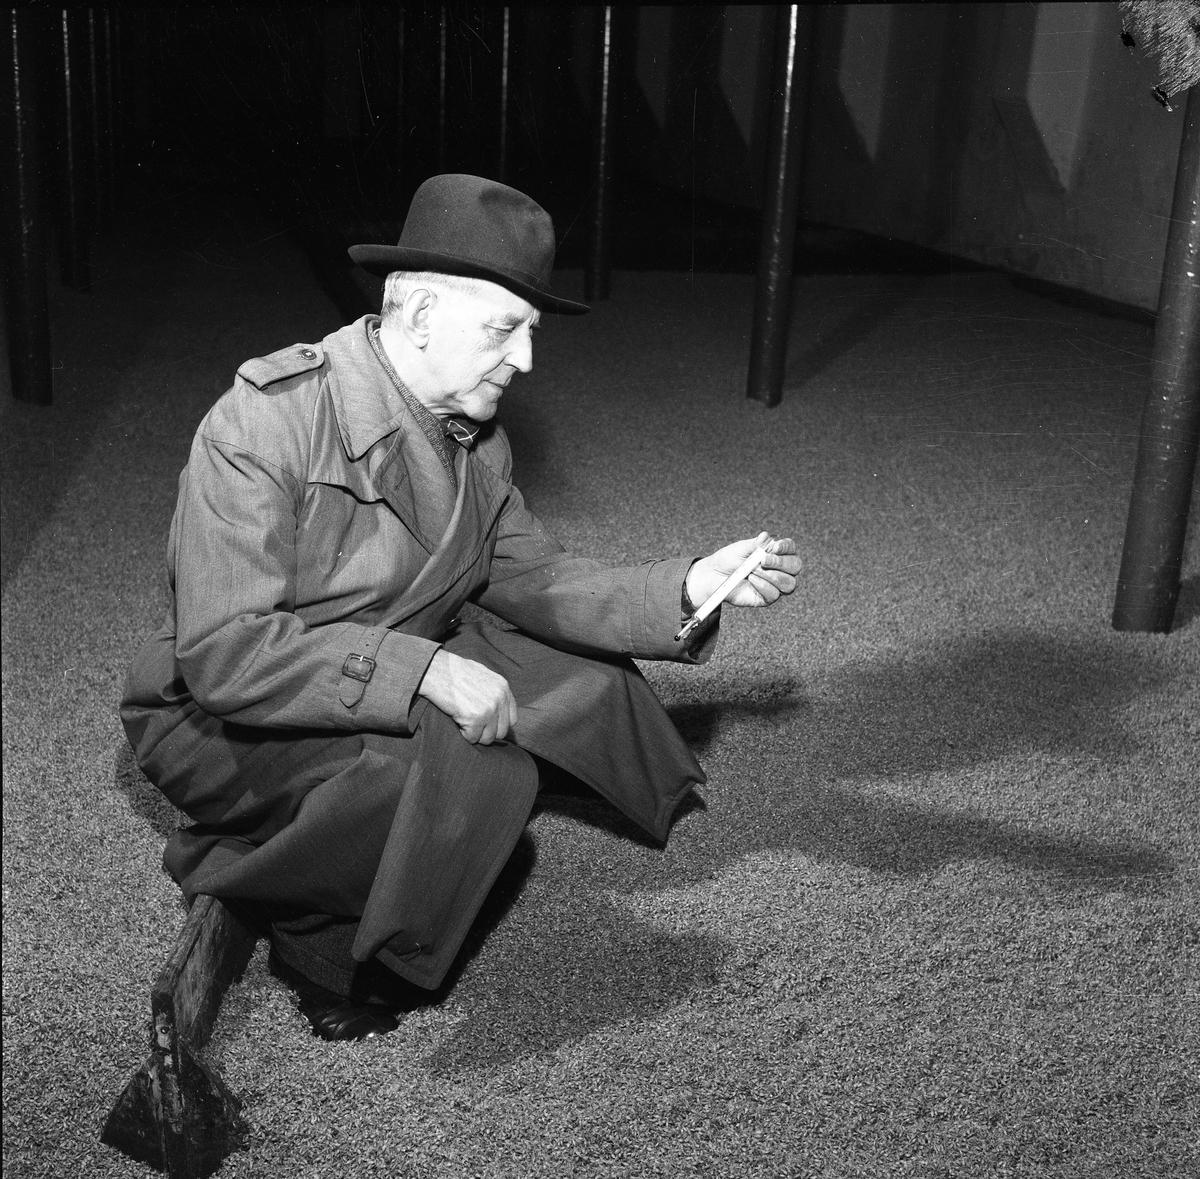 Arboga Kvarn och Maltfabrik, interiör. En man, iklädd överrock och hatt, sitter på huk vid mältan (=korn som legat i blöt i tre dygn och nu tappats ut på golvet). Han har en termometer i handen. Temperaturen är känslig; det ska helst vara mellan +8 - +10 grader. Blir det varmare kommer bladgrodden fram och så långt får inte groningsprocessen gå.  Mannen är disponent Carl Hugo Peterson. Han blev huvudägare 1935 och moderniserade både maltfabriken och kvarnen flera gånger.  Det som kom att bli Arboga Kvarn och Maltfabrik anlades 1821 av Jonas Örström. Kvarnrörelsen startade 1915. Vetemjöl av märket Guldsnö tillverkades här. Kvarnrörelsen upphörde 1967 medan maltproduktionen pågick fram till 1972.  Läs om Arboga Kvarn och Maltfabrik: Hembygdsföreningen Arboga Minnes årsböcker från 1979 och 1999 Reinhold Carlssons bok Arboga objektivt sett